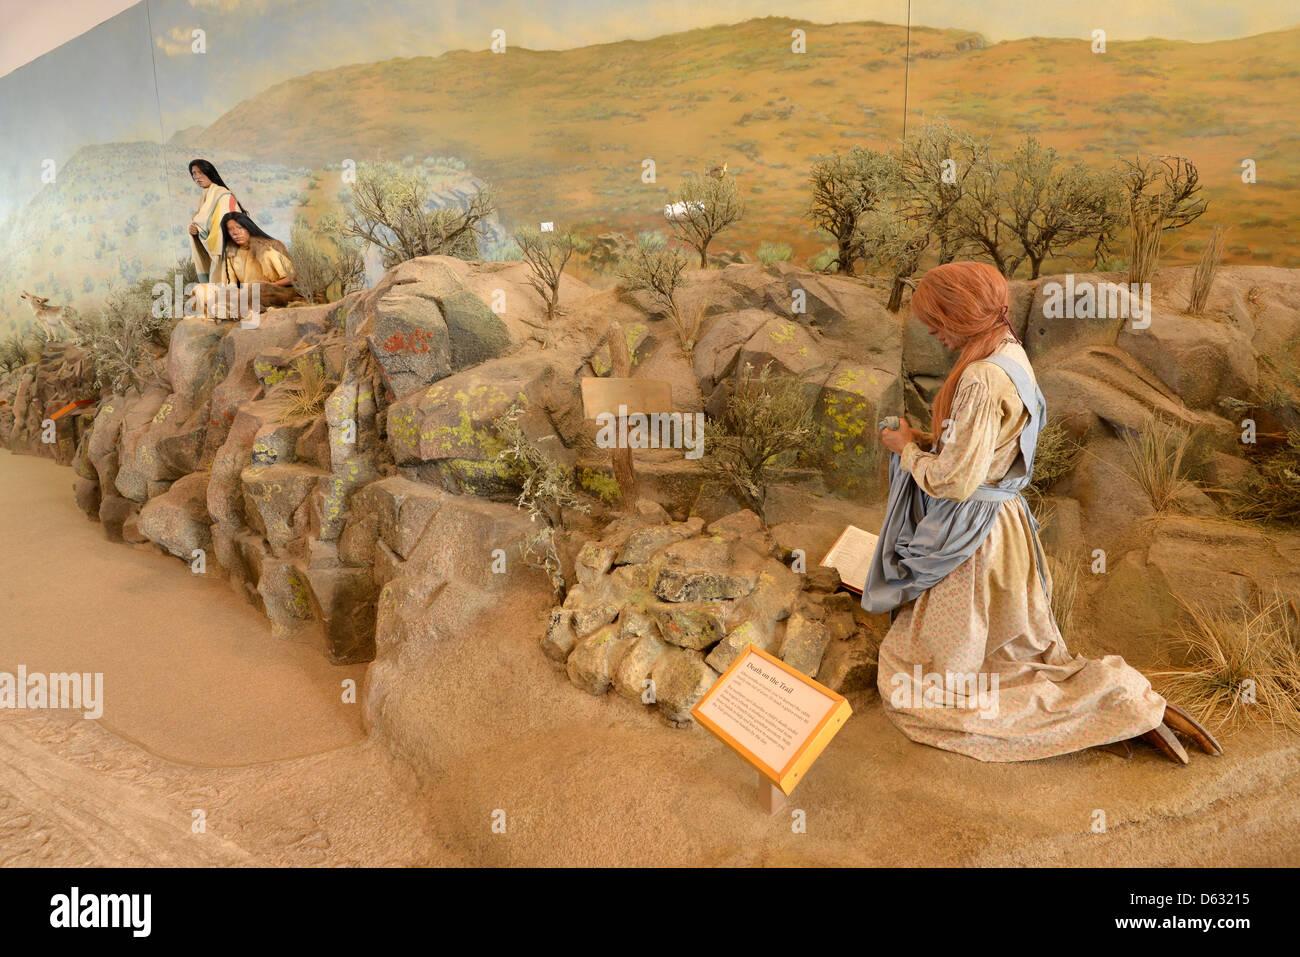 Diorama in the Oregon Trail Interpretive Center near Baker City, Oregon. - Stock Image